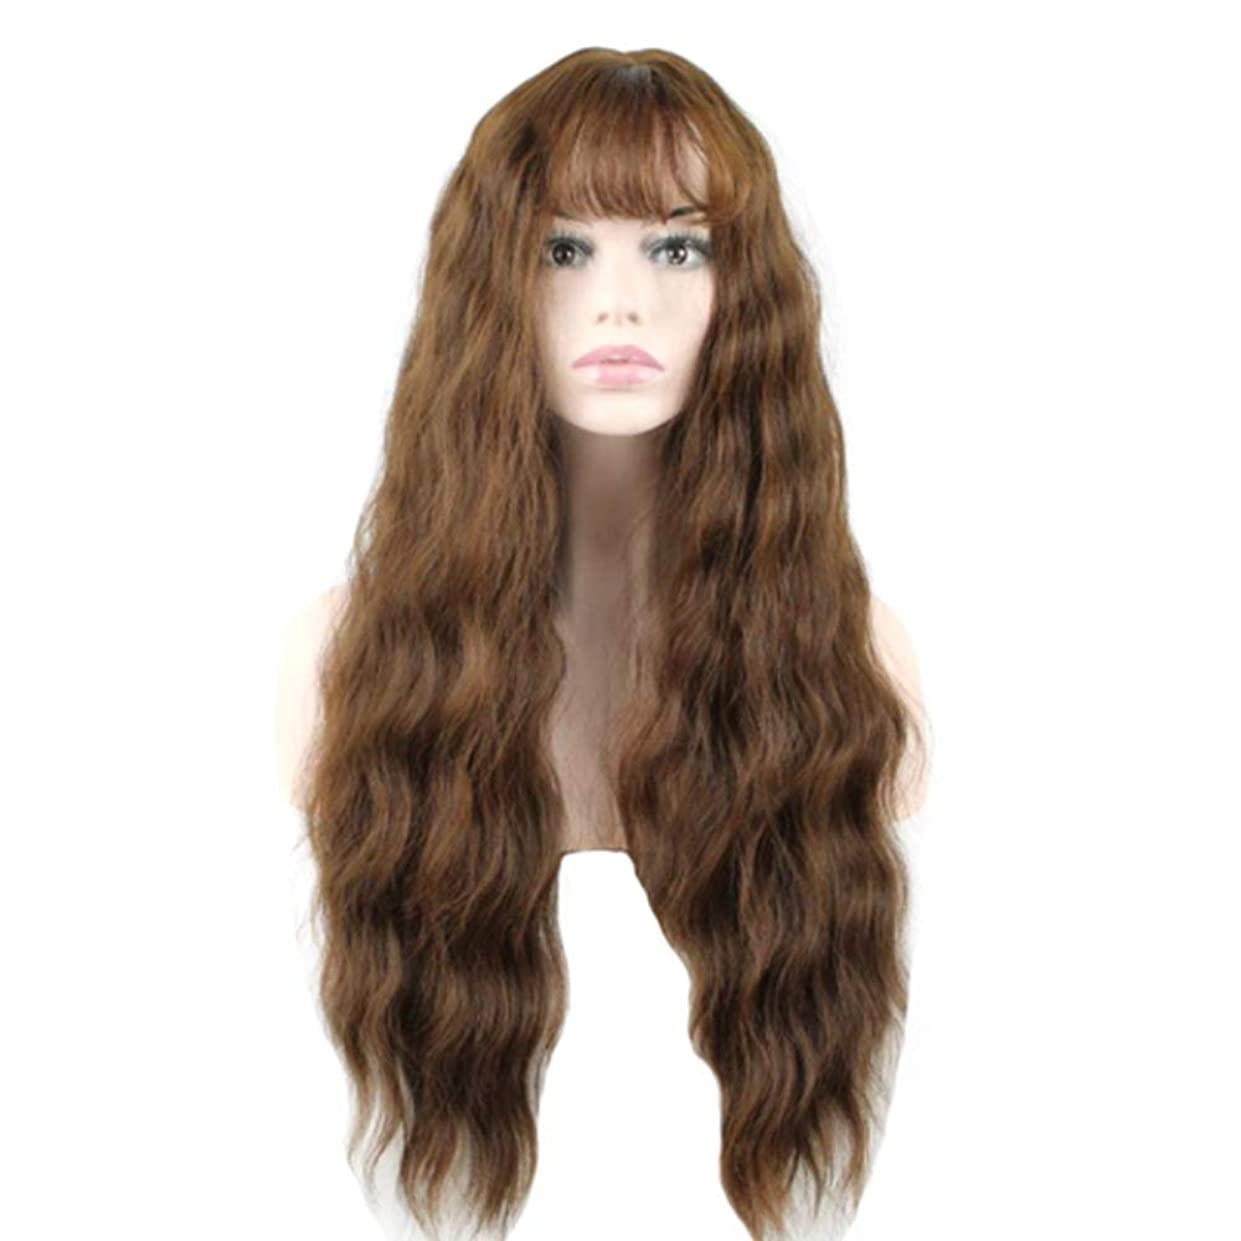 育成年齢枝かつら - 女性のロングロール高温シルクかつらファッションバングズパーティーロールプレイハロウィン60cmブラウン (色 : Brown, サイズ さいず : 60 cm 60 cm)